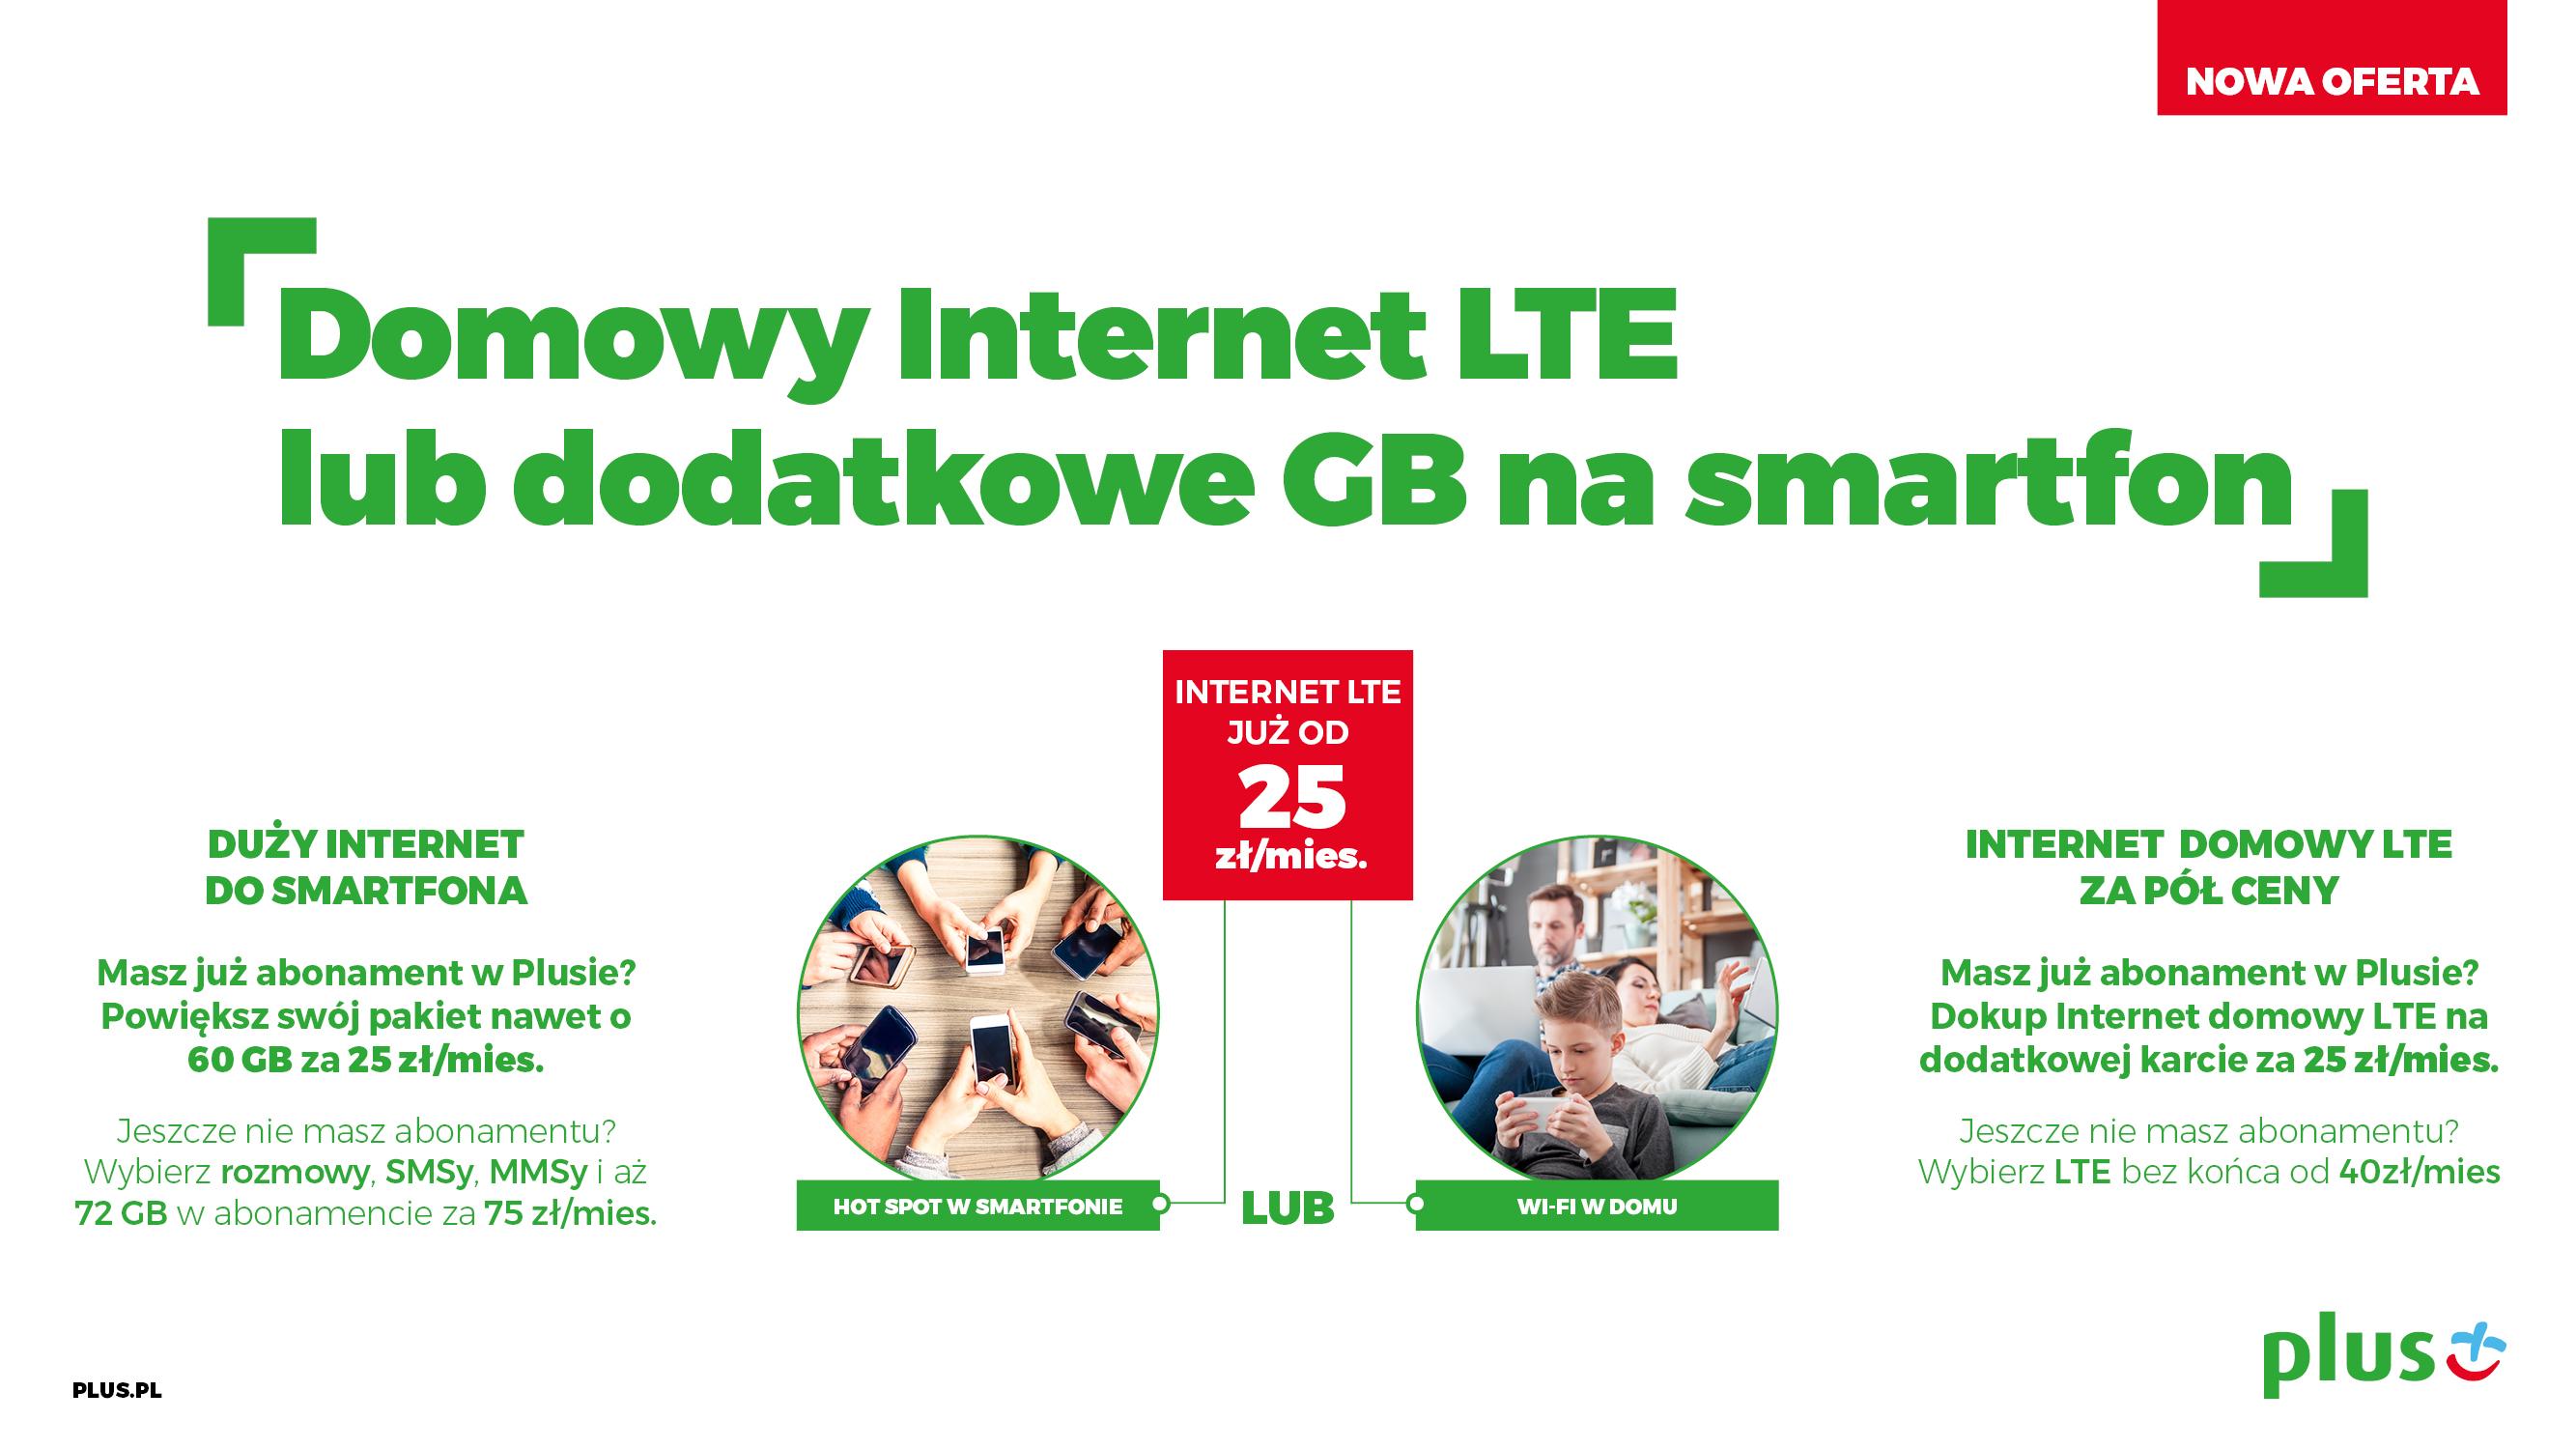 plus domowy internet lte lub dodatkowe gb na smartfon